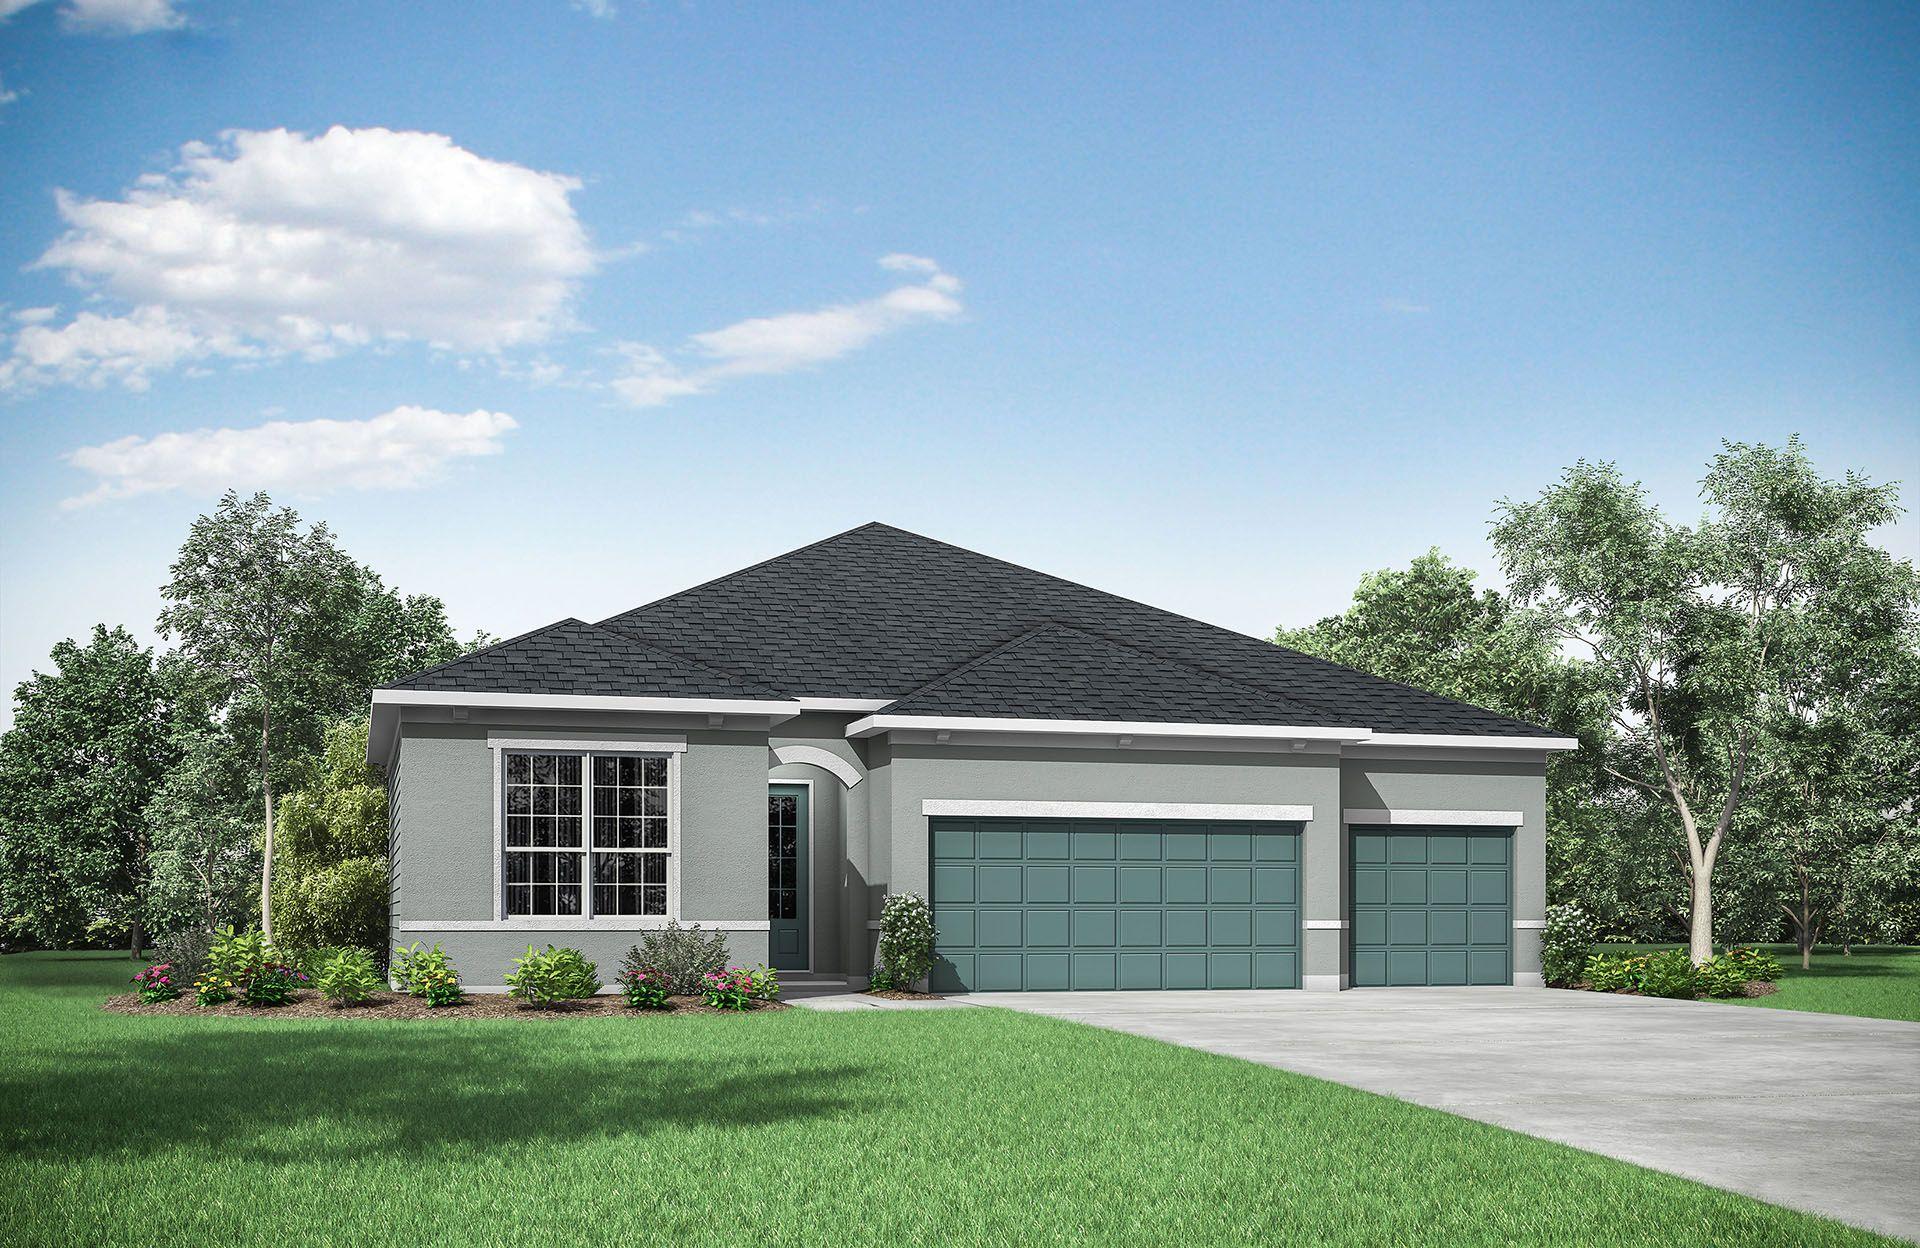 Uma única Família para Venda às Magnolia Point - Flagler 3695 Red Hawk Ct. Green Cove Springs, Florida 32043 United States